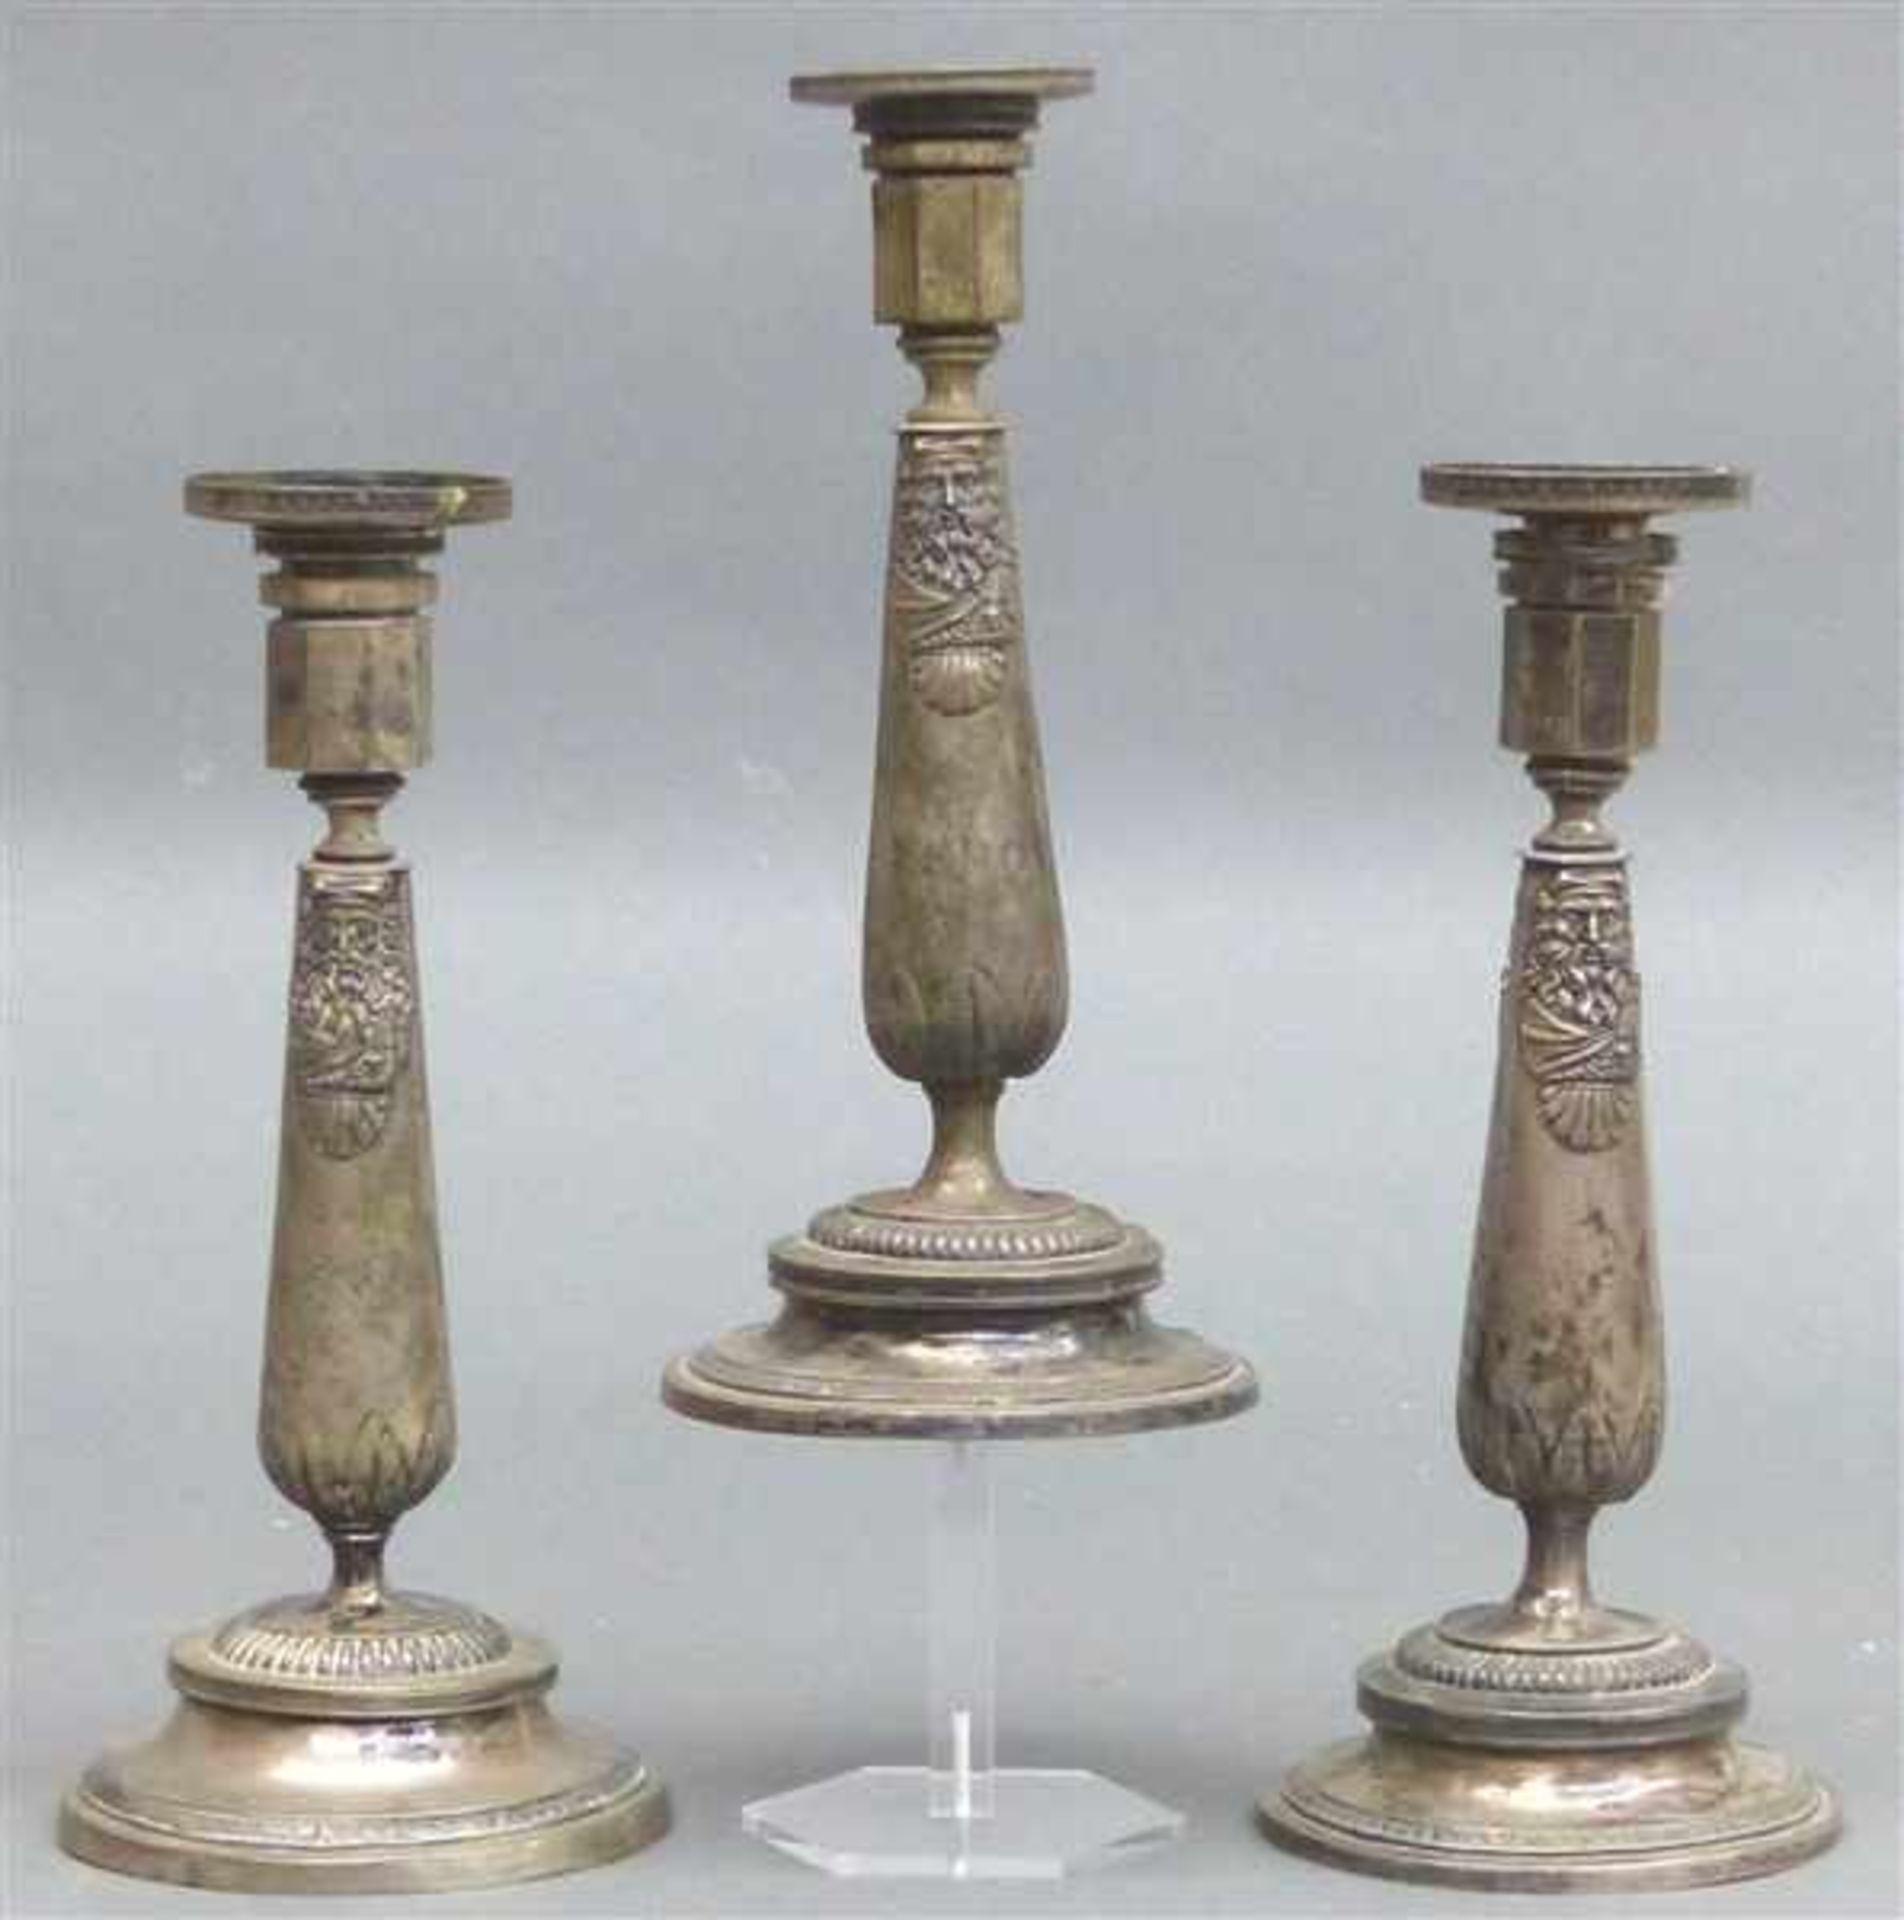 Los 1021 - 3 Augsburger Kerzenleuchter Silber, punziert, von Johann Georg Kröner 1790-1869, Empireform,